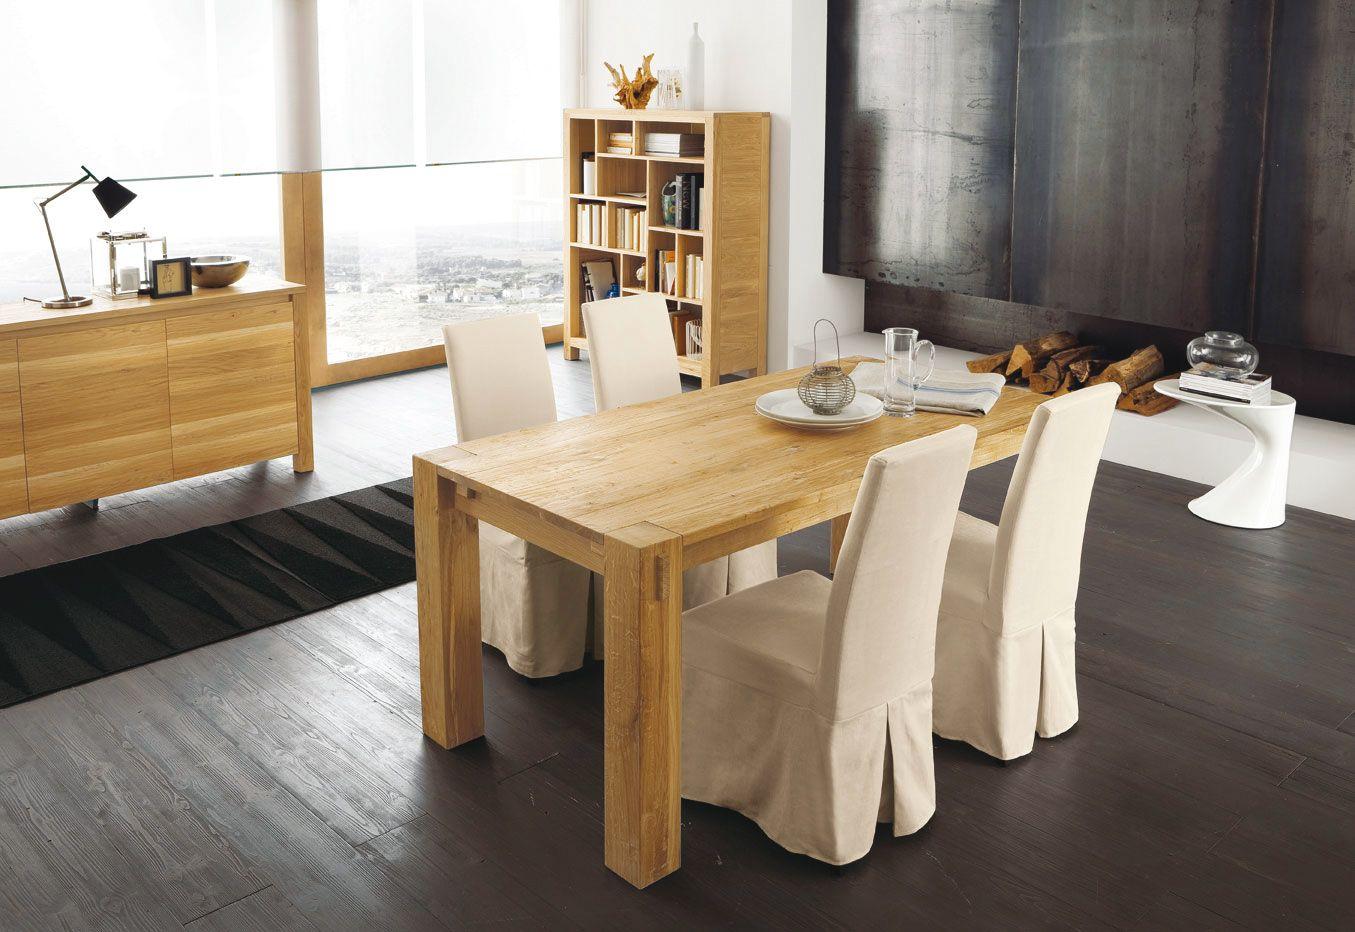 Tavolo Altacorte ~ Tavolo in legno modello stoccolma di alta corte cucina